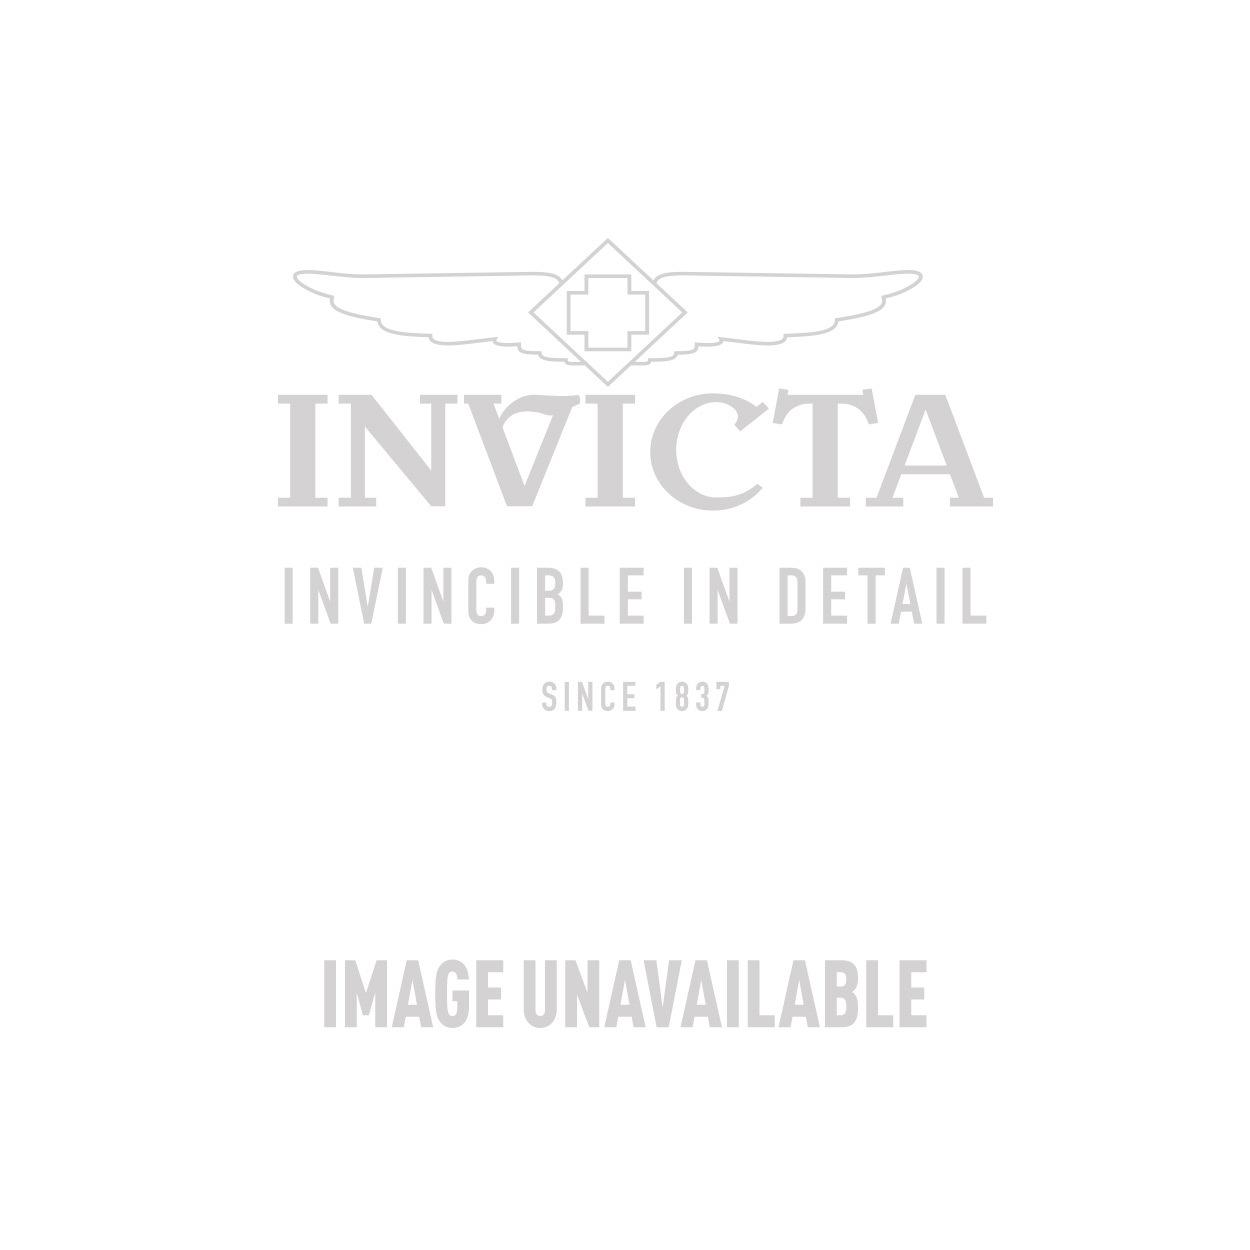 Invicta Model 26895